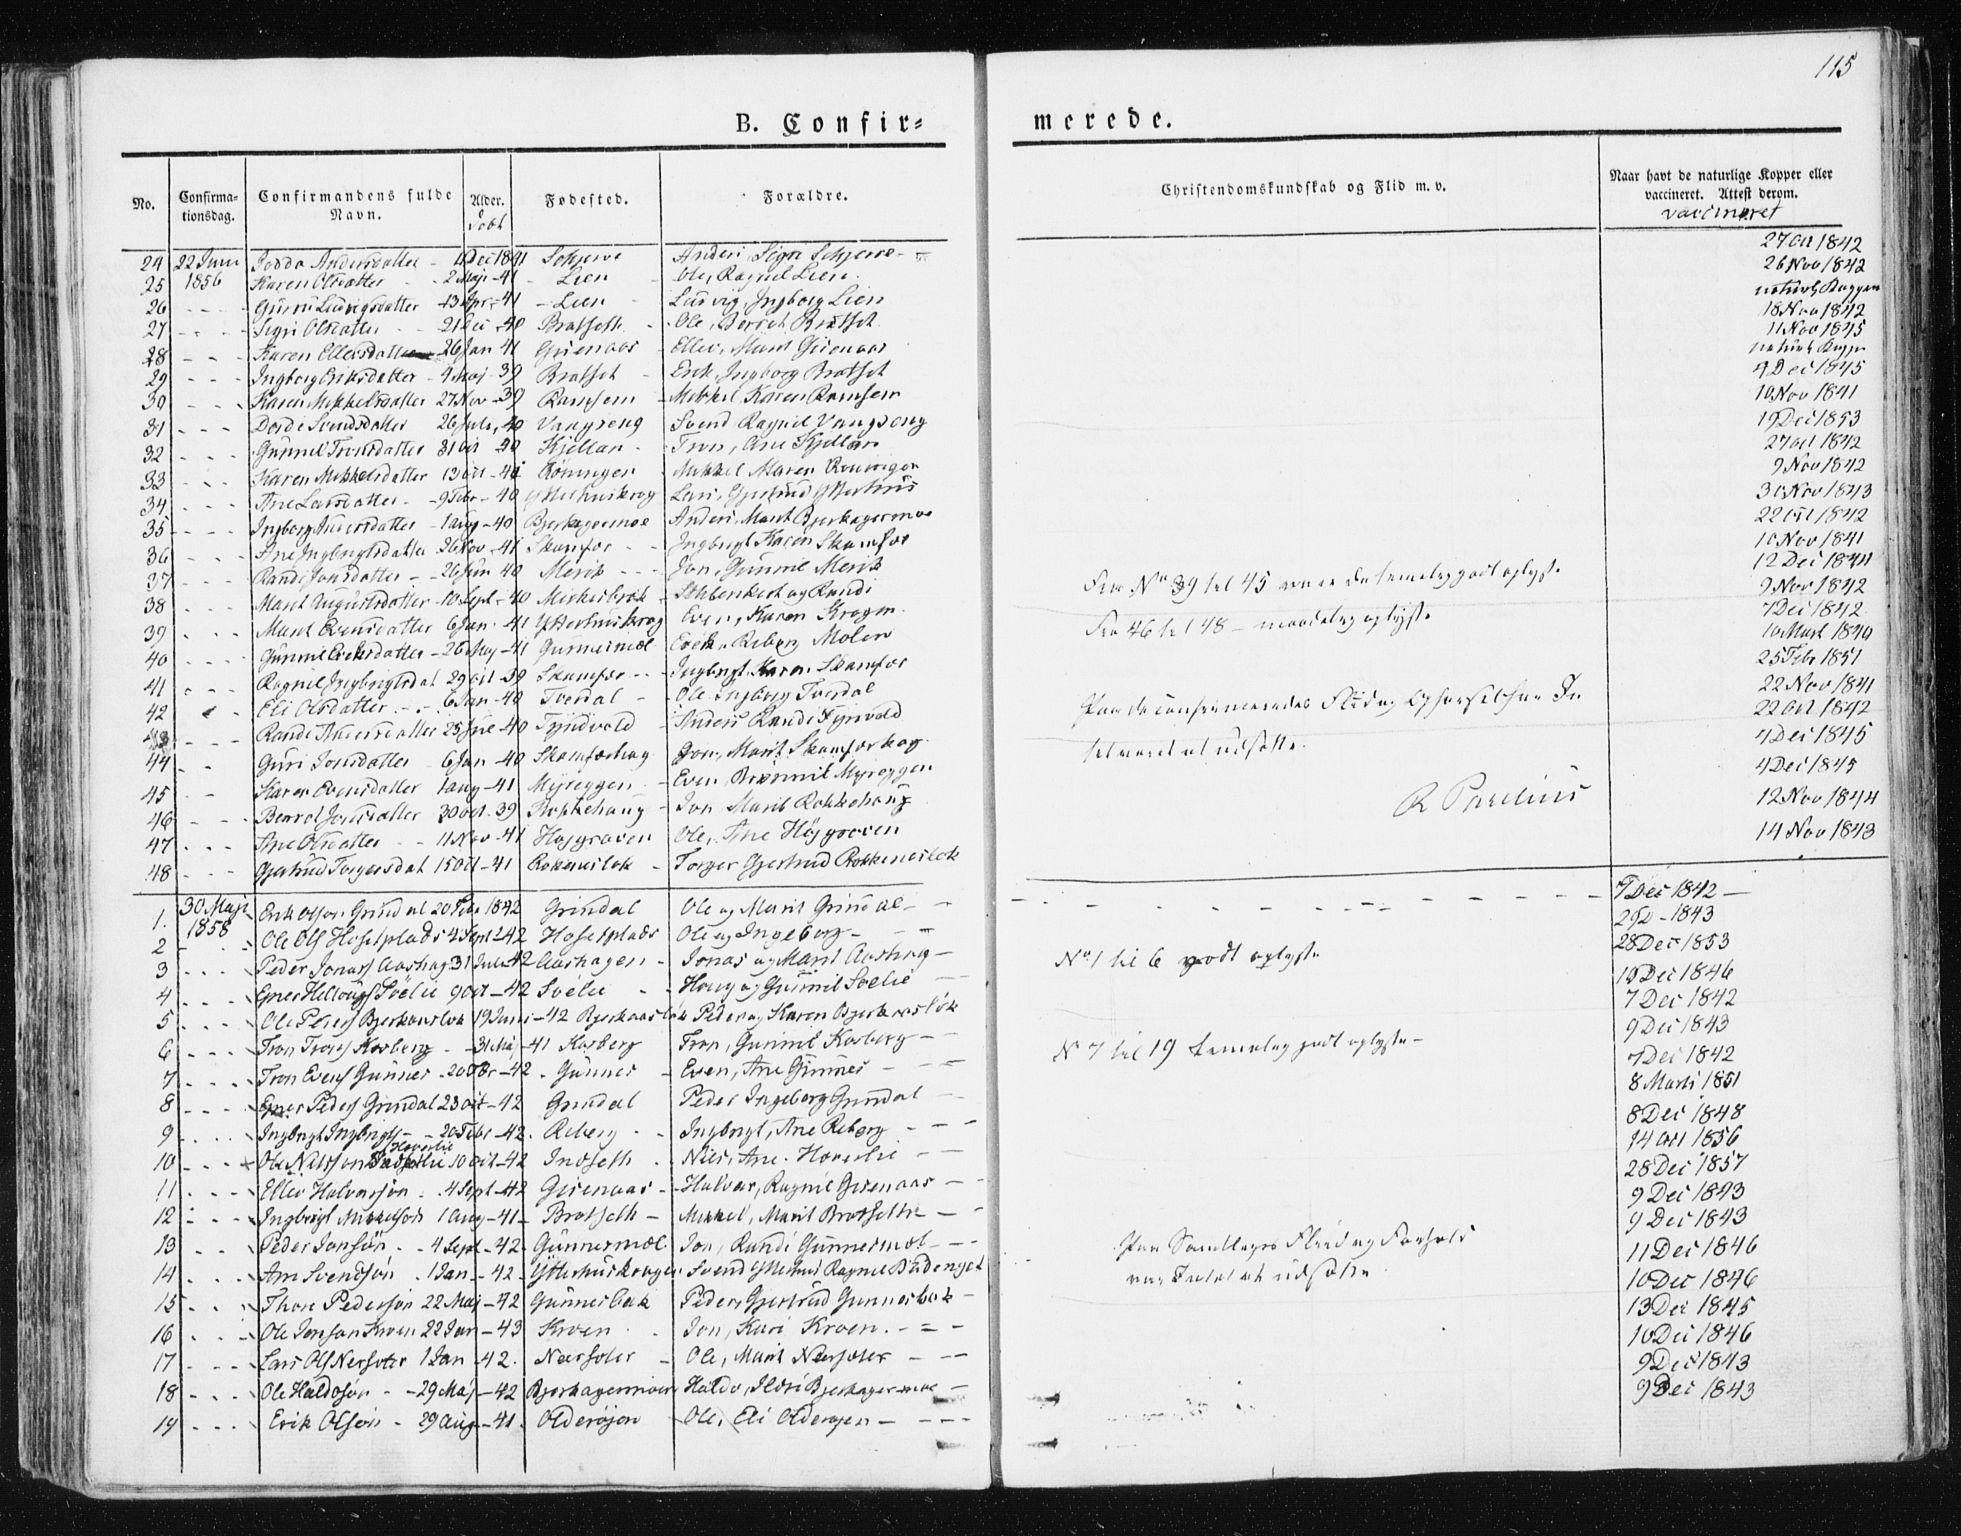 SAT, Ministerialprotokoller, klokkerbøker og fødselsregistre - Sør-Trøndelag, 674/L0869: Ministerialbok nr. 674A01, 1829-1860, s. 115